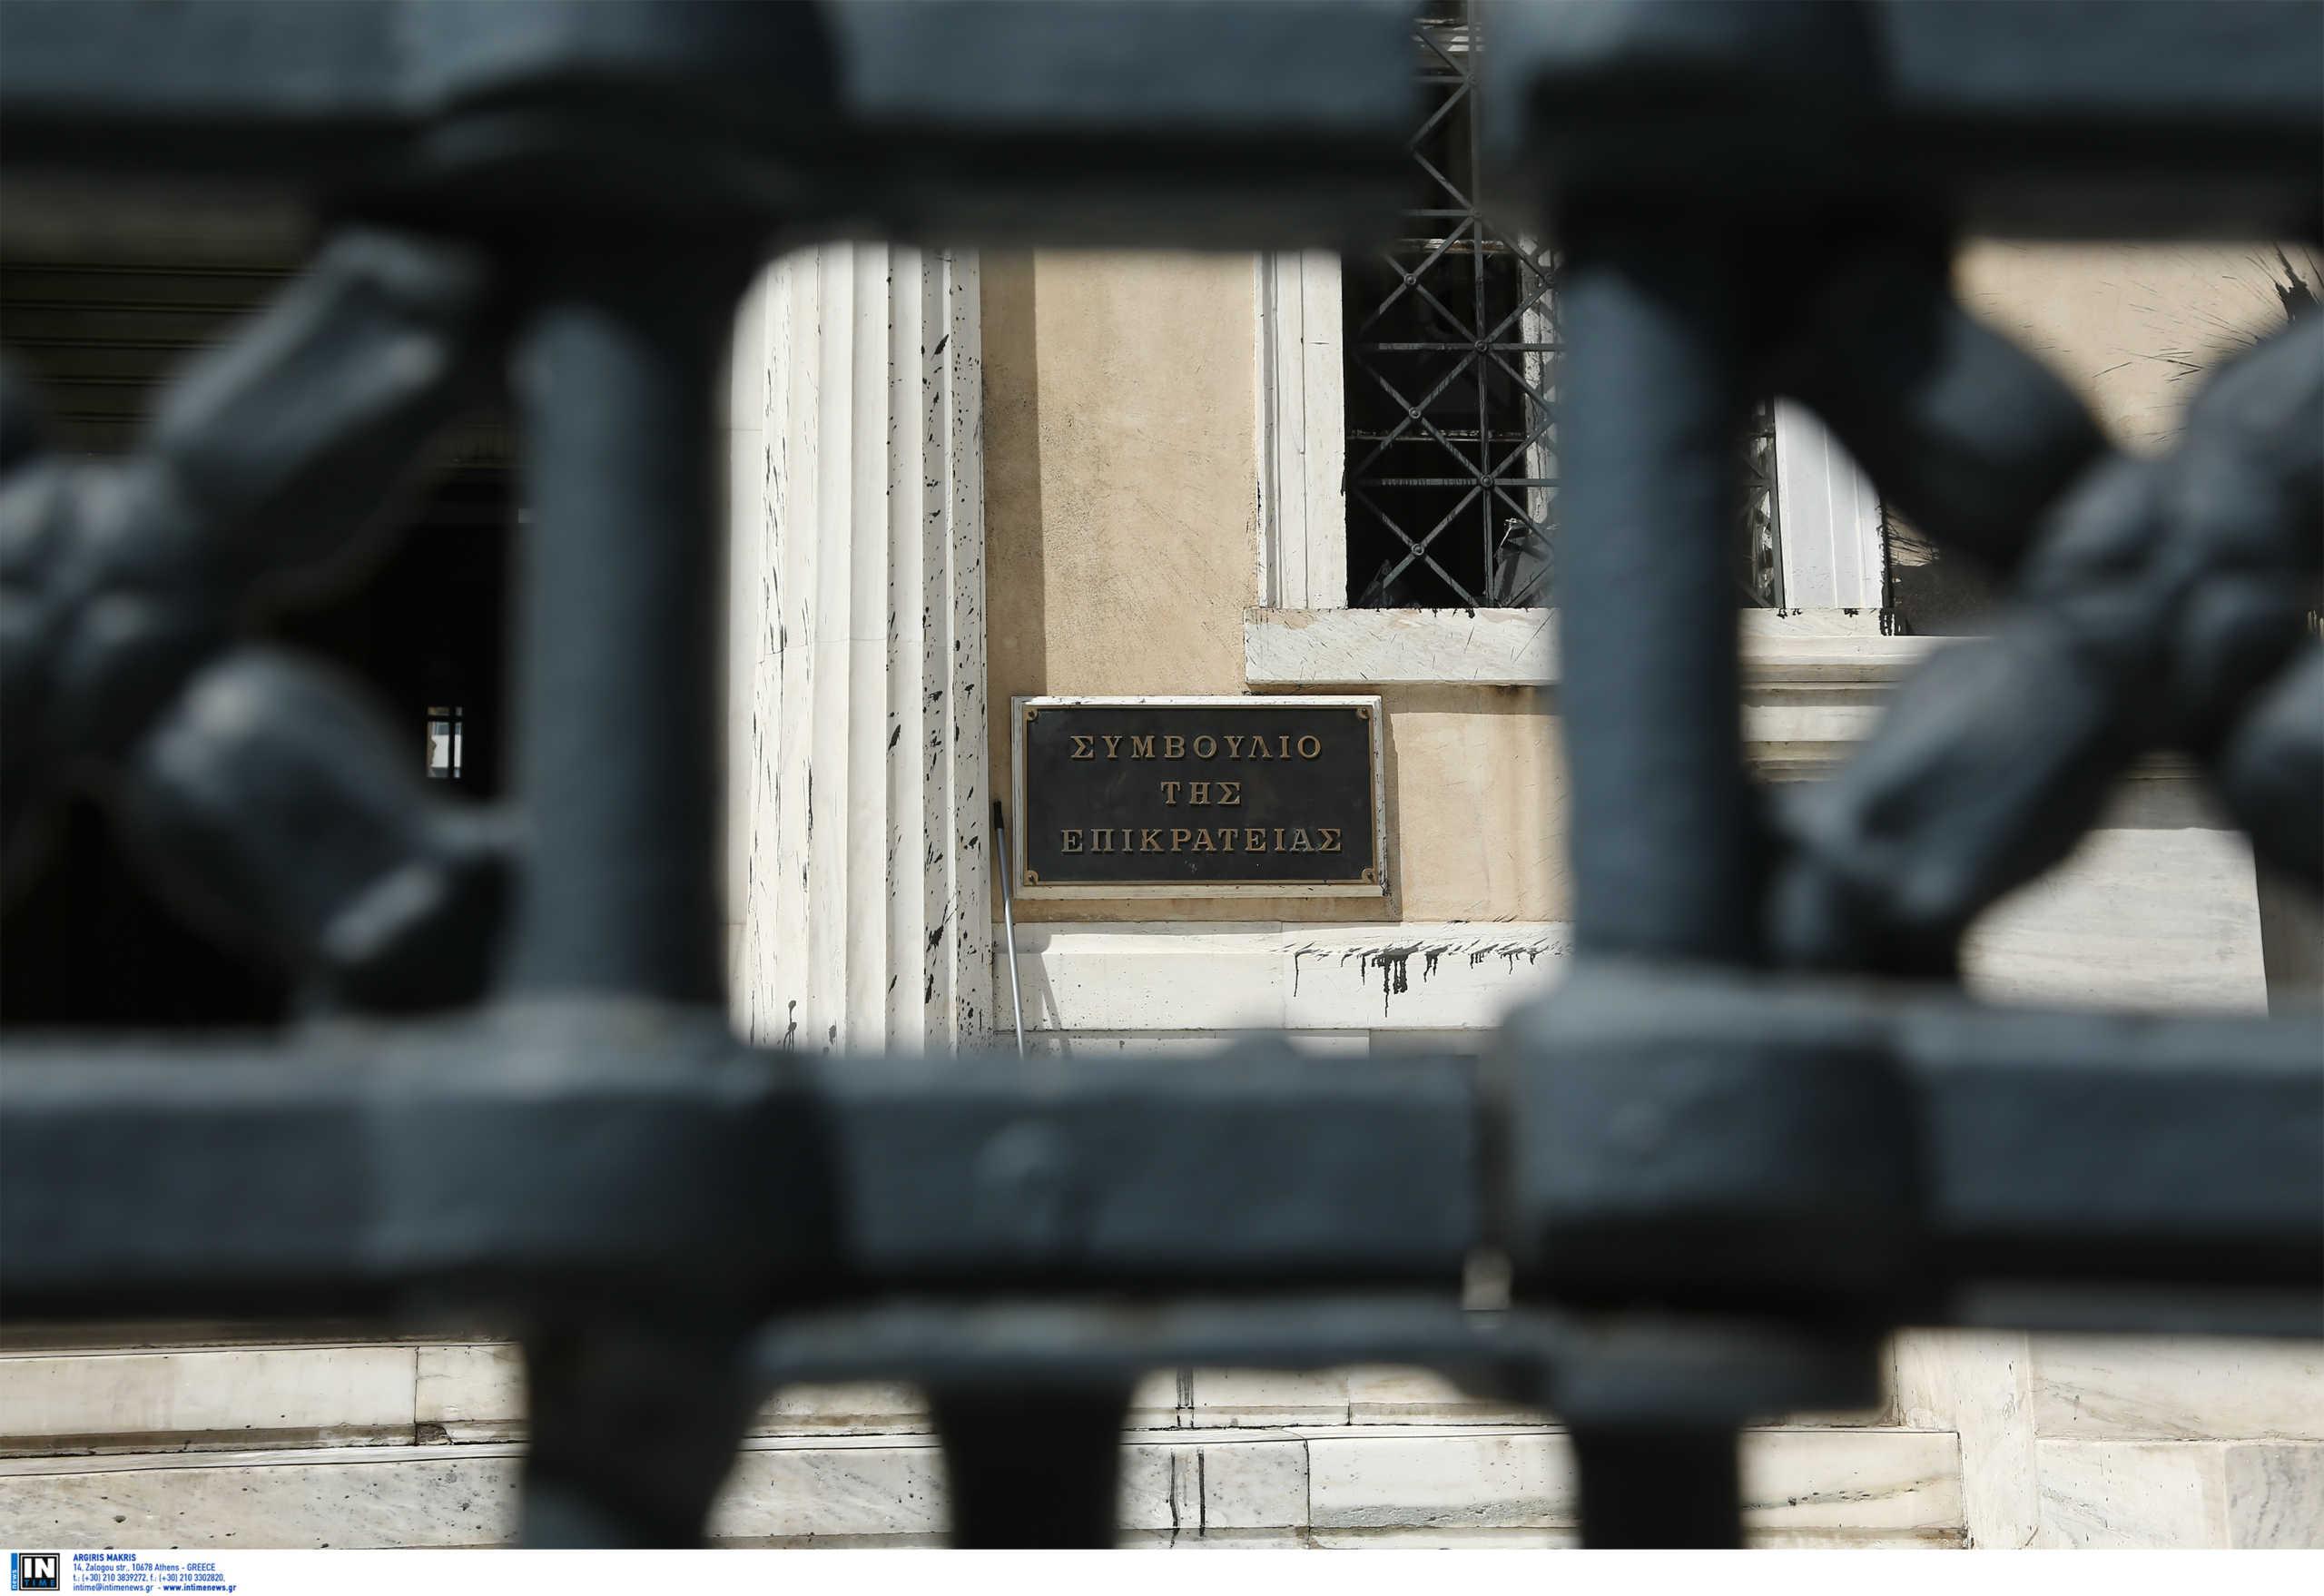 Το ΣτΕ αποφασίζει για τη νομιμότητα της εκλογής του Μητροπολίτη Γλυφάδας